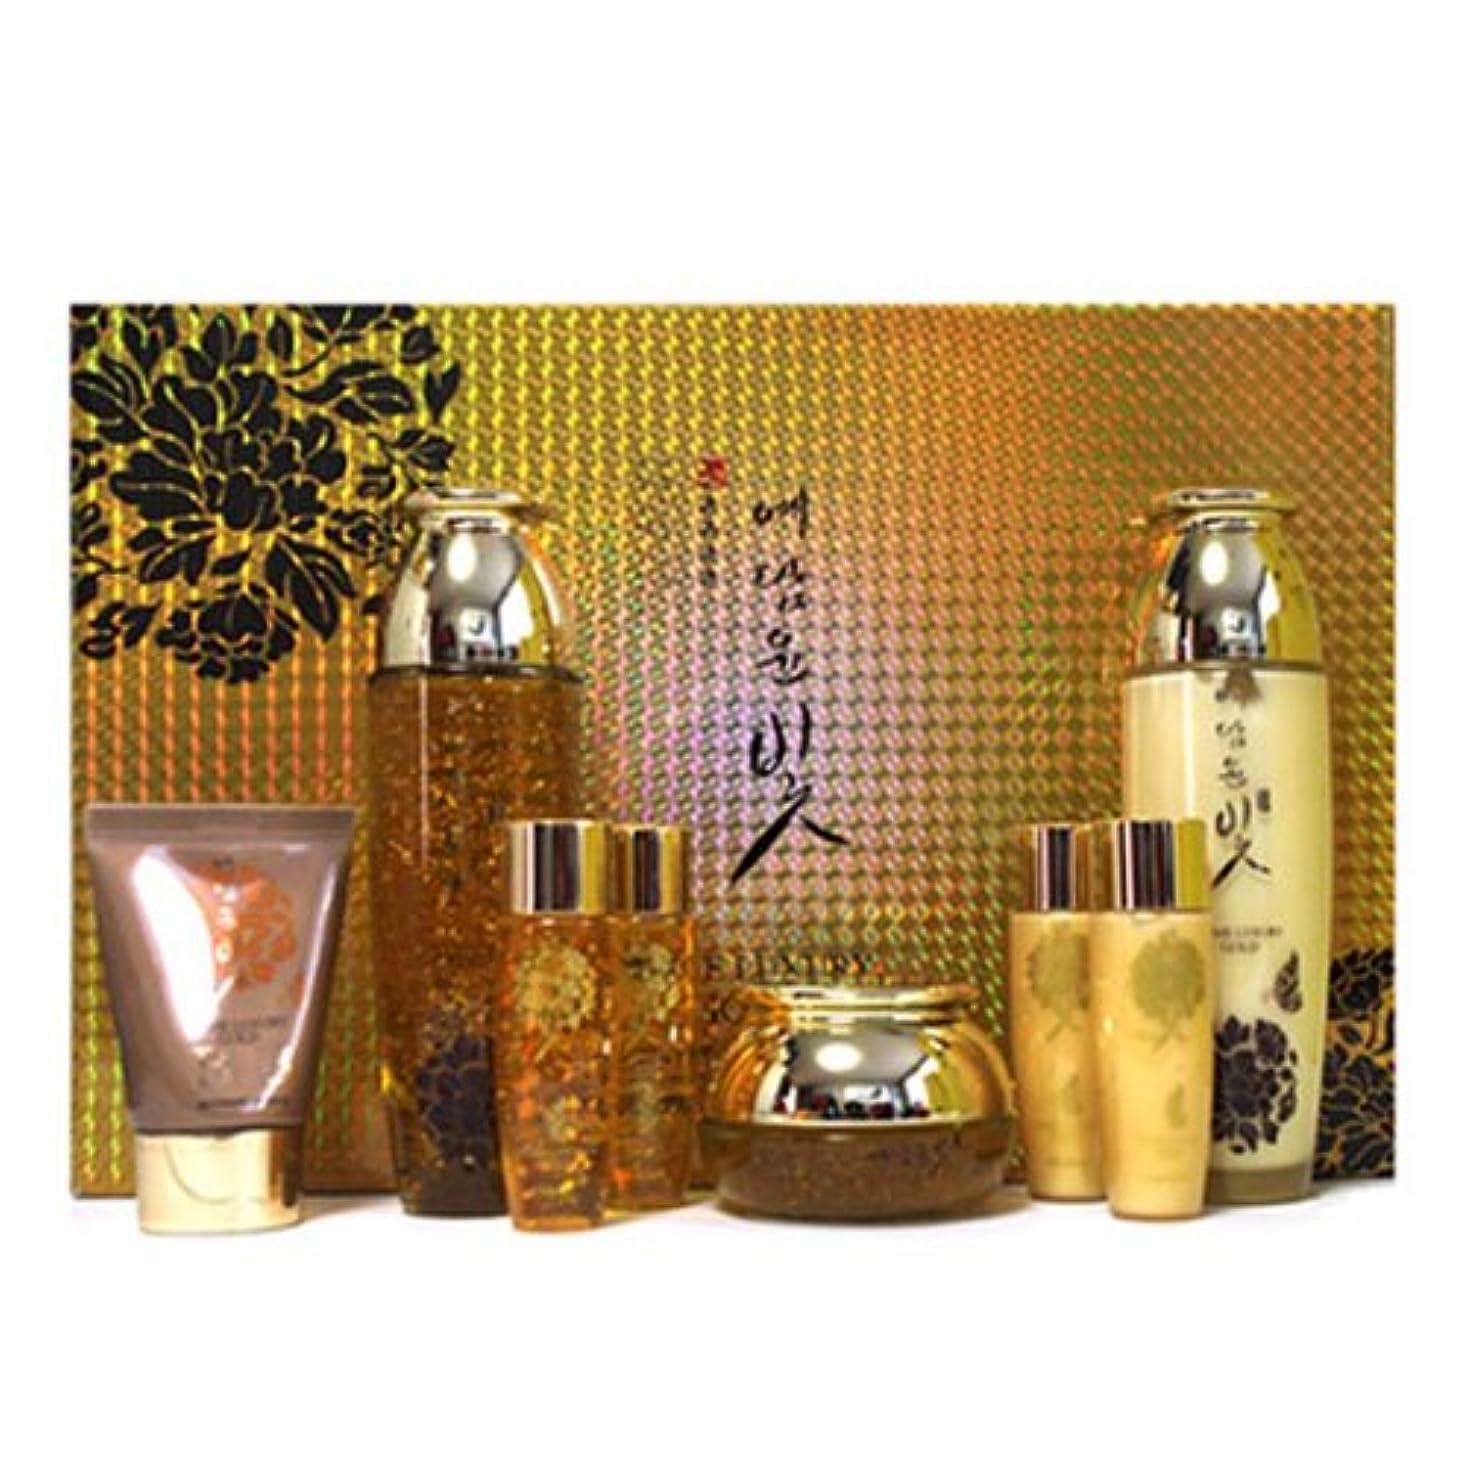 パワー共産主義者希少性イェダムユンビト[韓国コスメYedam Yun Bit]Prime Luxury Gold Skin Care Set プライムラグジュアリーゴールドスキンケア4セット 樹液 乳液 クリーム/ BBクリーム [並行輸入品]